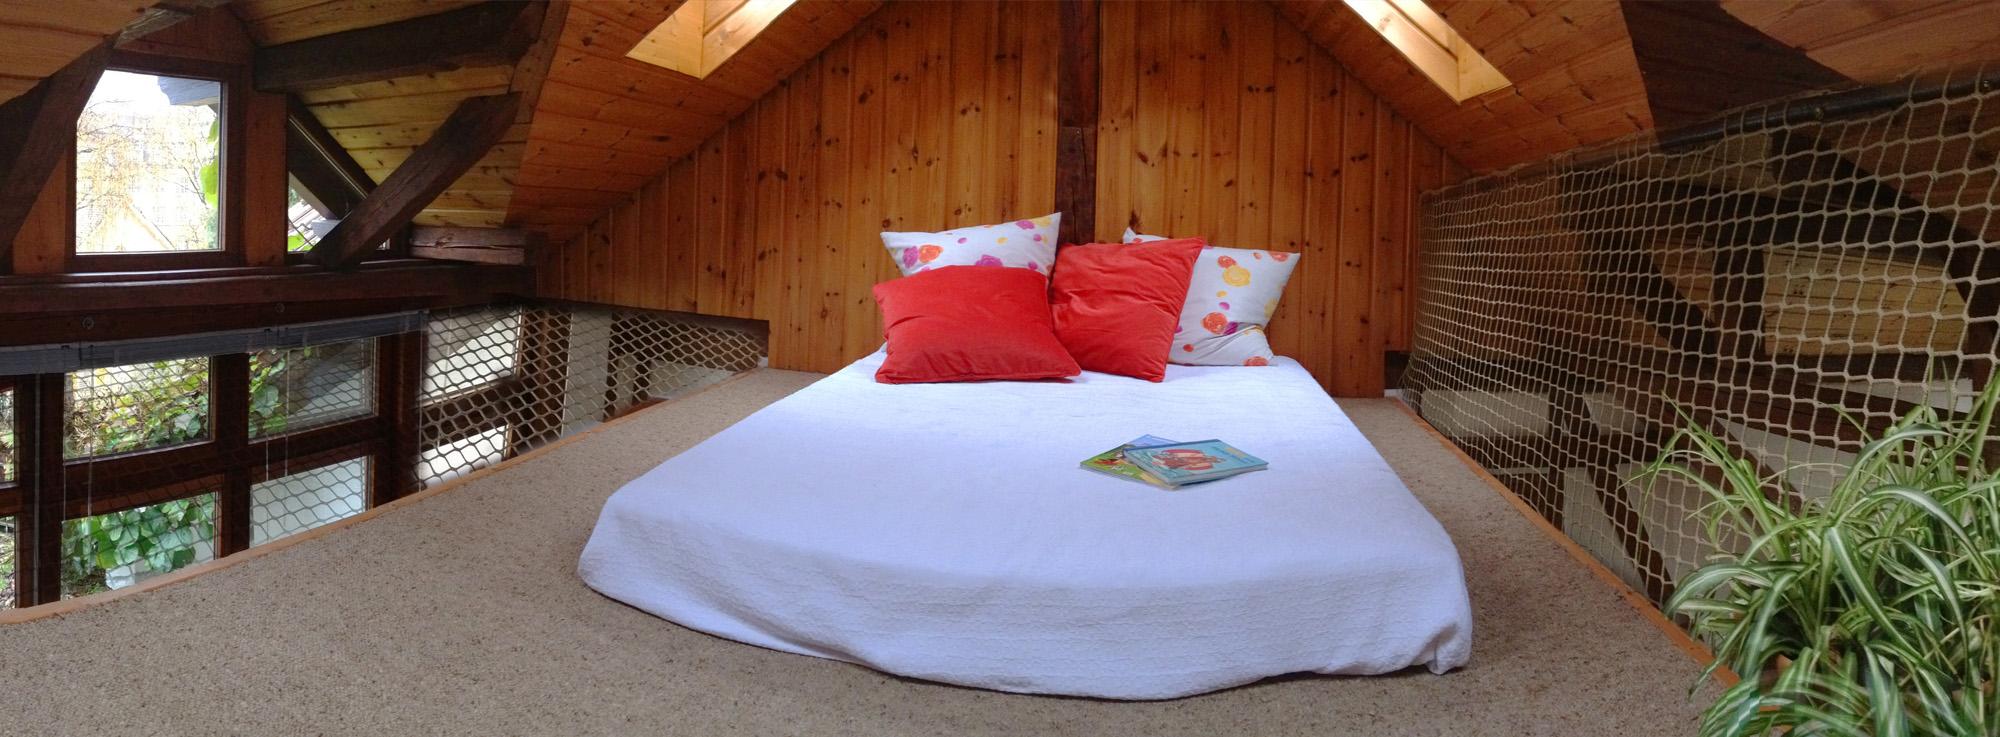 Schlafempore zum Relaxen in der Ferienwohnung Roos Konstanz